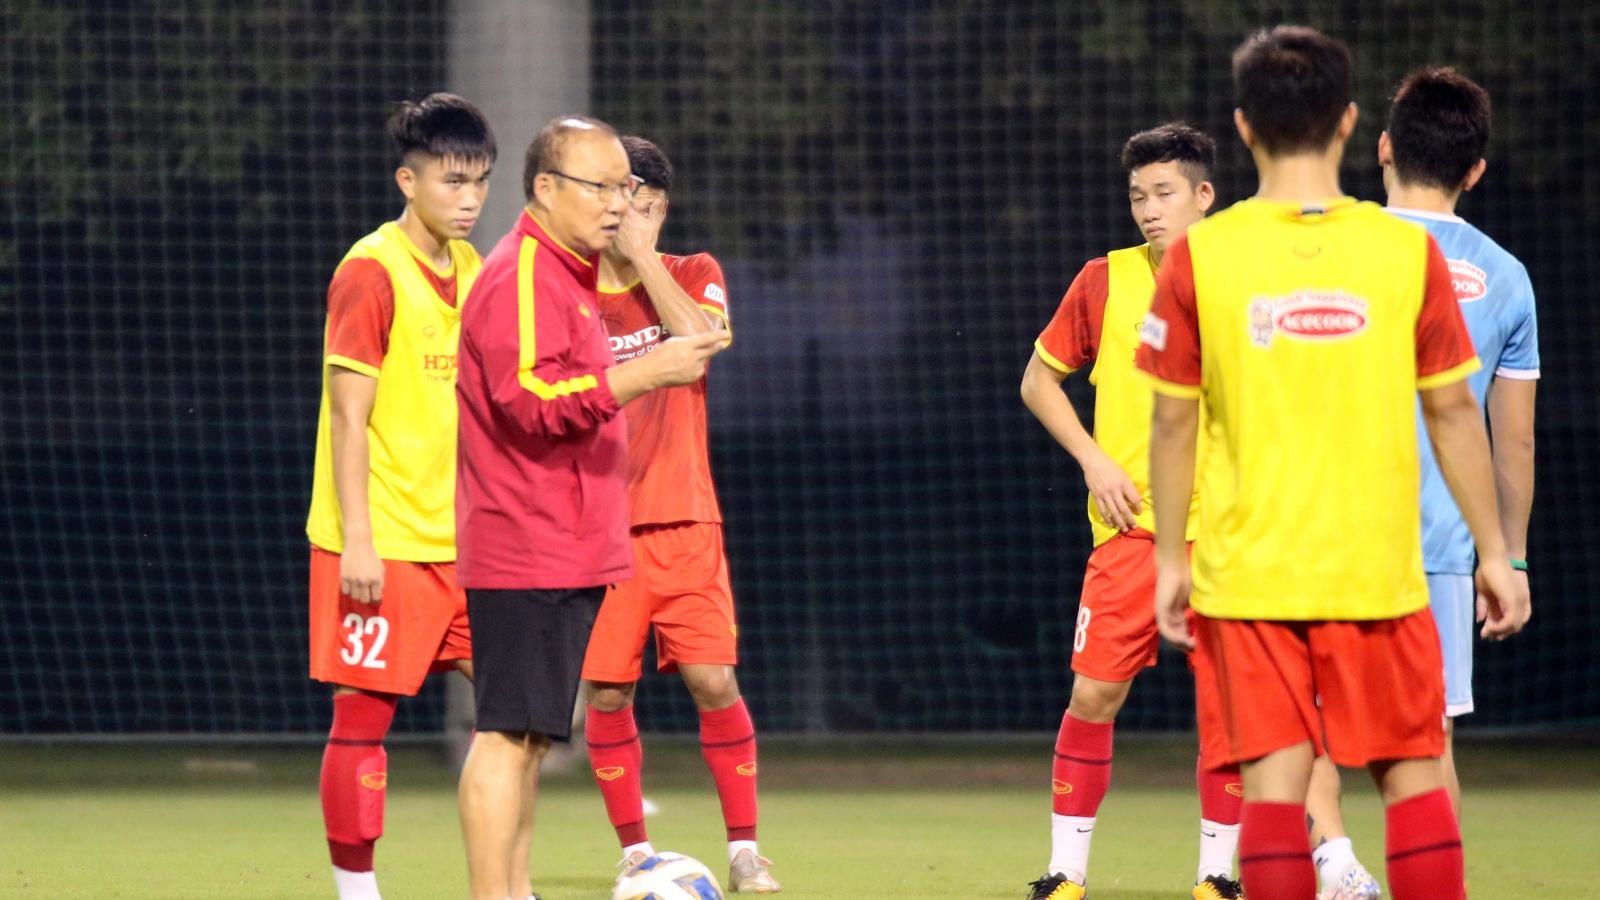 Sao trẻ HAGL lấy Văn Toàn làm hình mẫu, quyết tâm tỏa sáng ở U23 Việt Nam